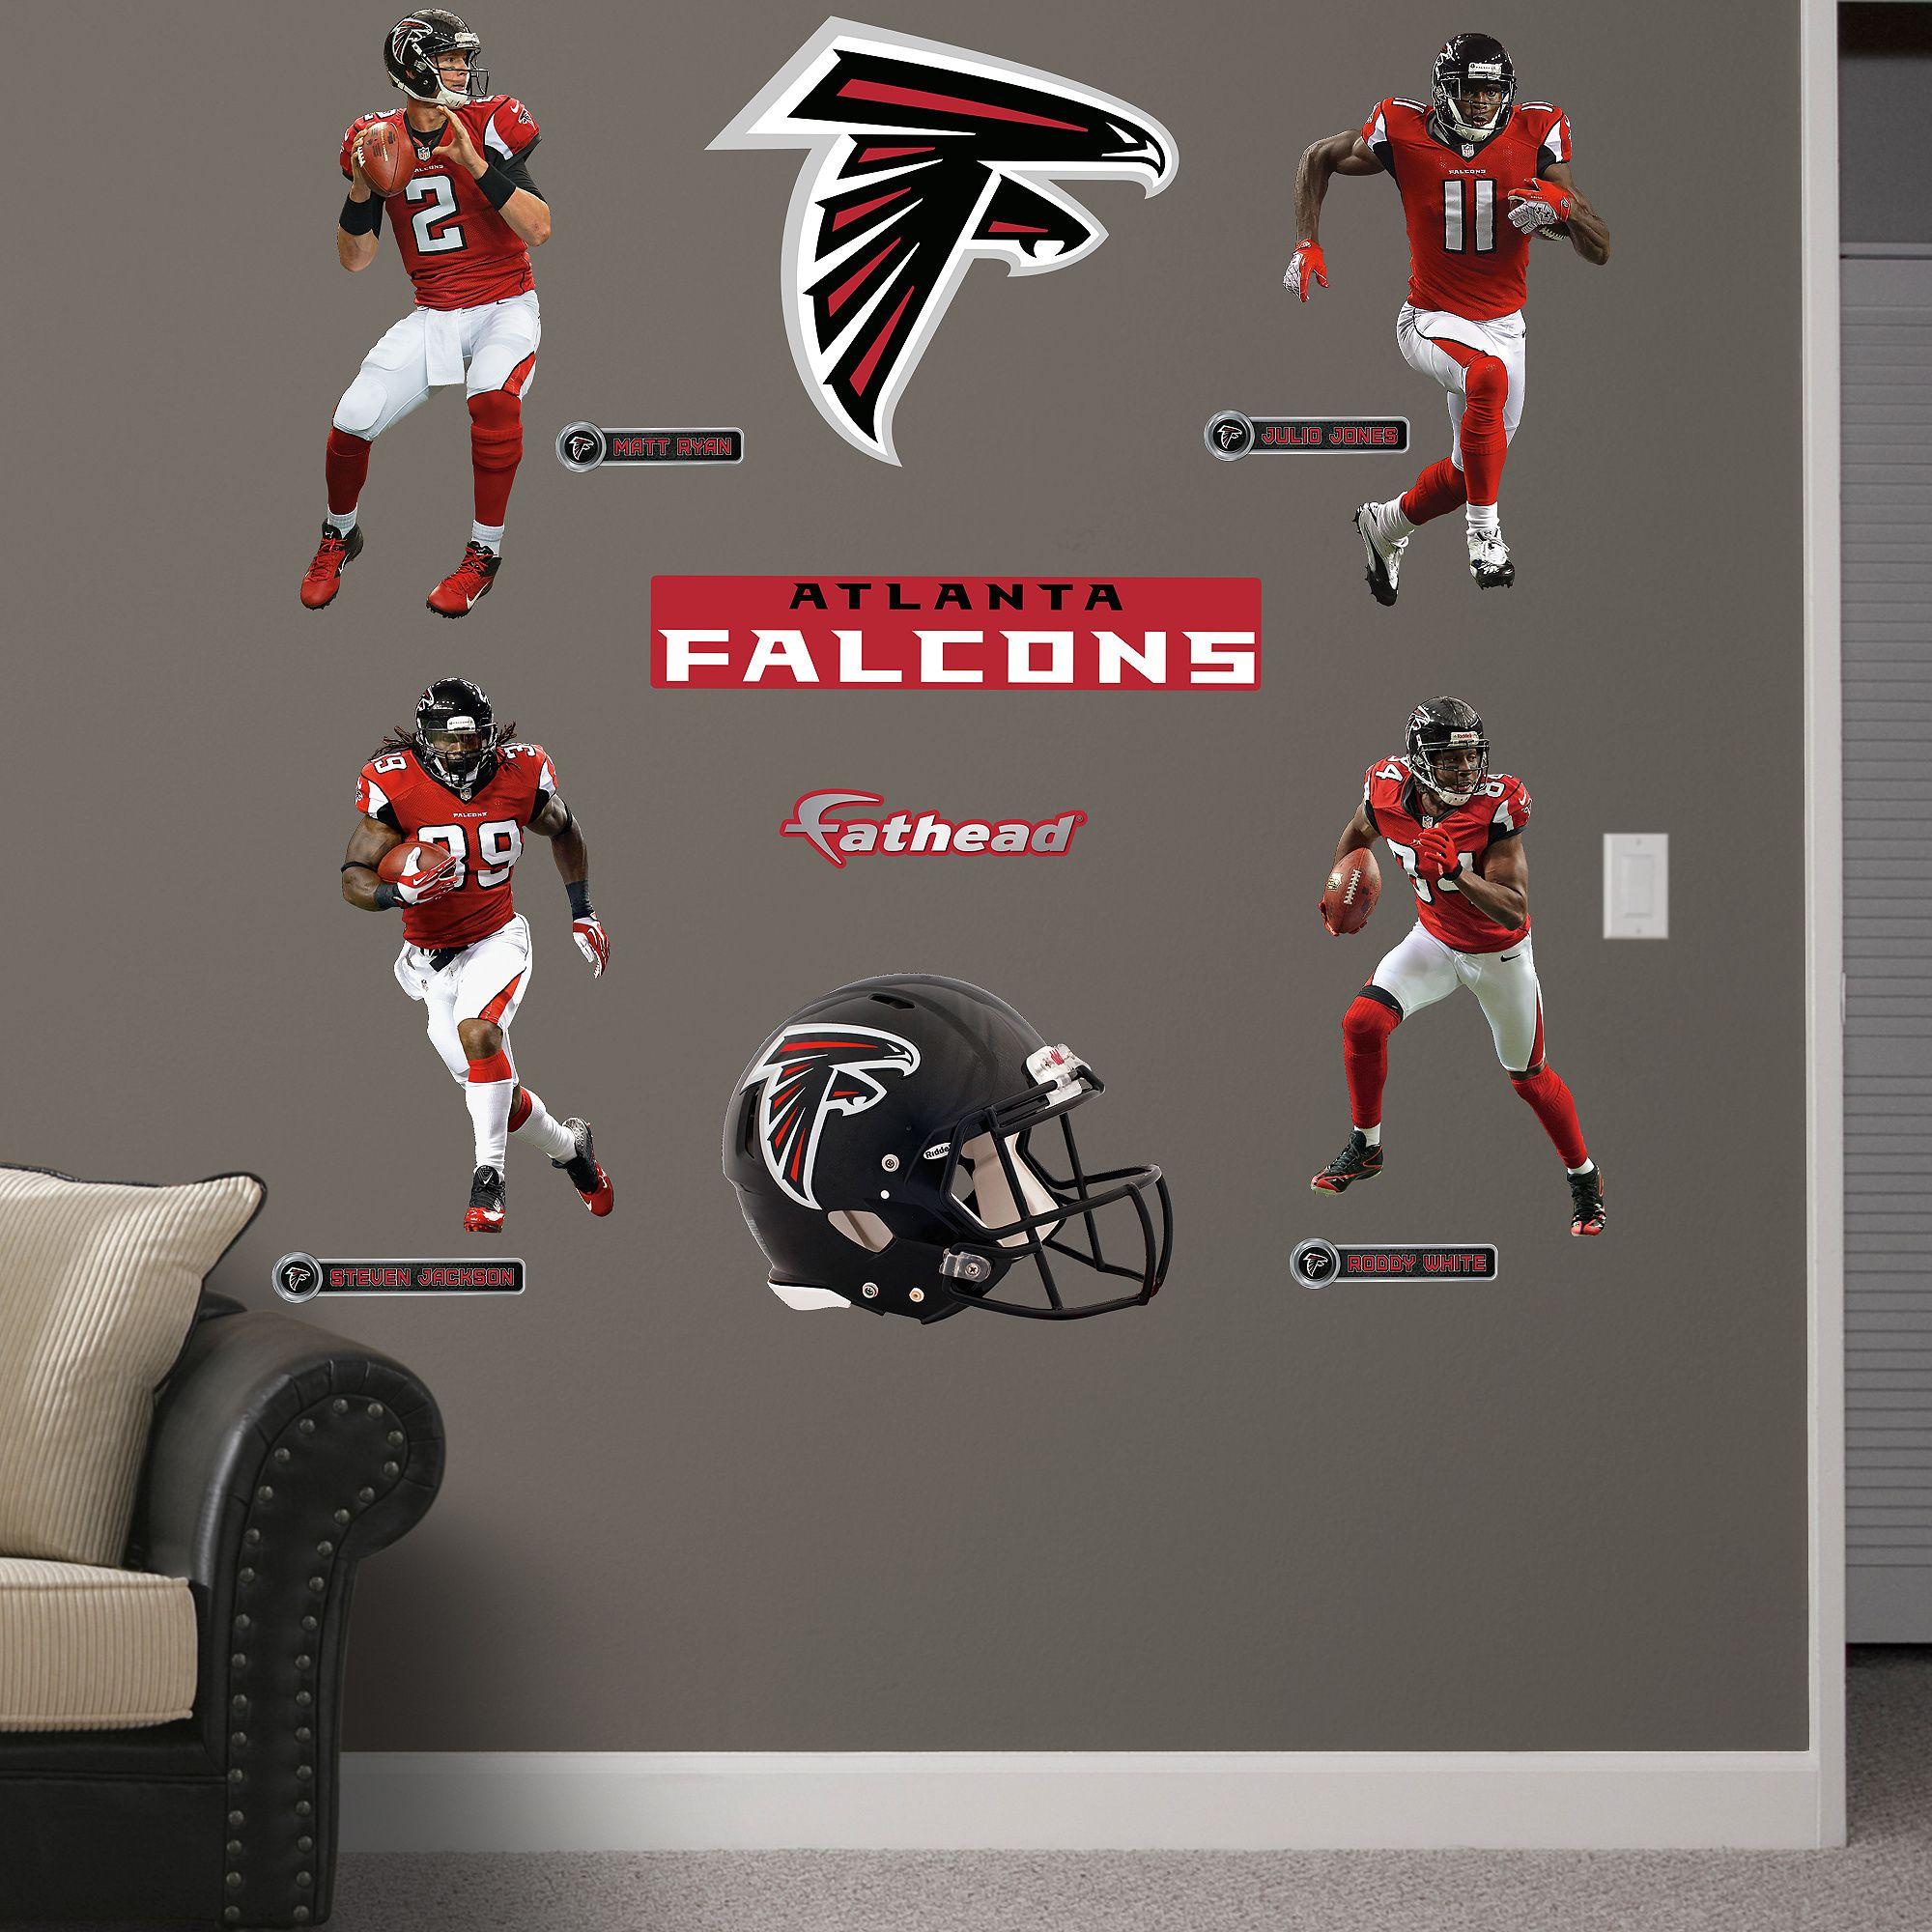 Atlanta Falcons Power Pack Atlanta Falcons Falcons Nfl